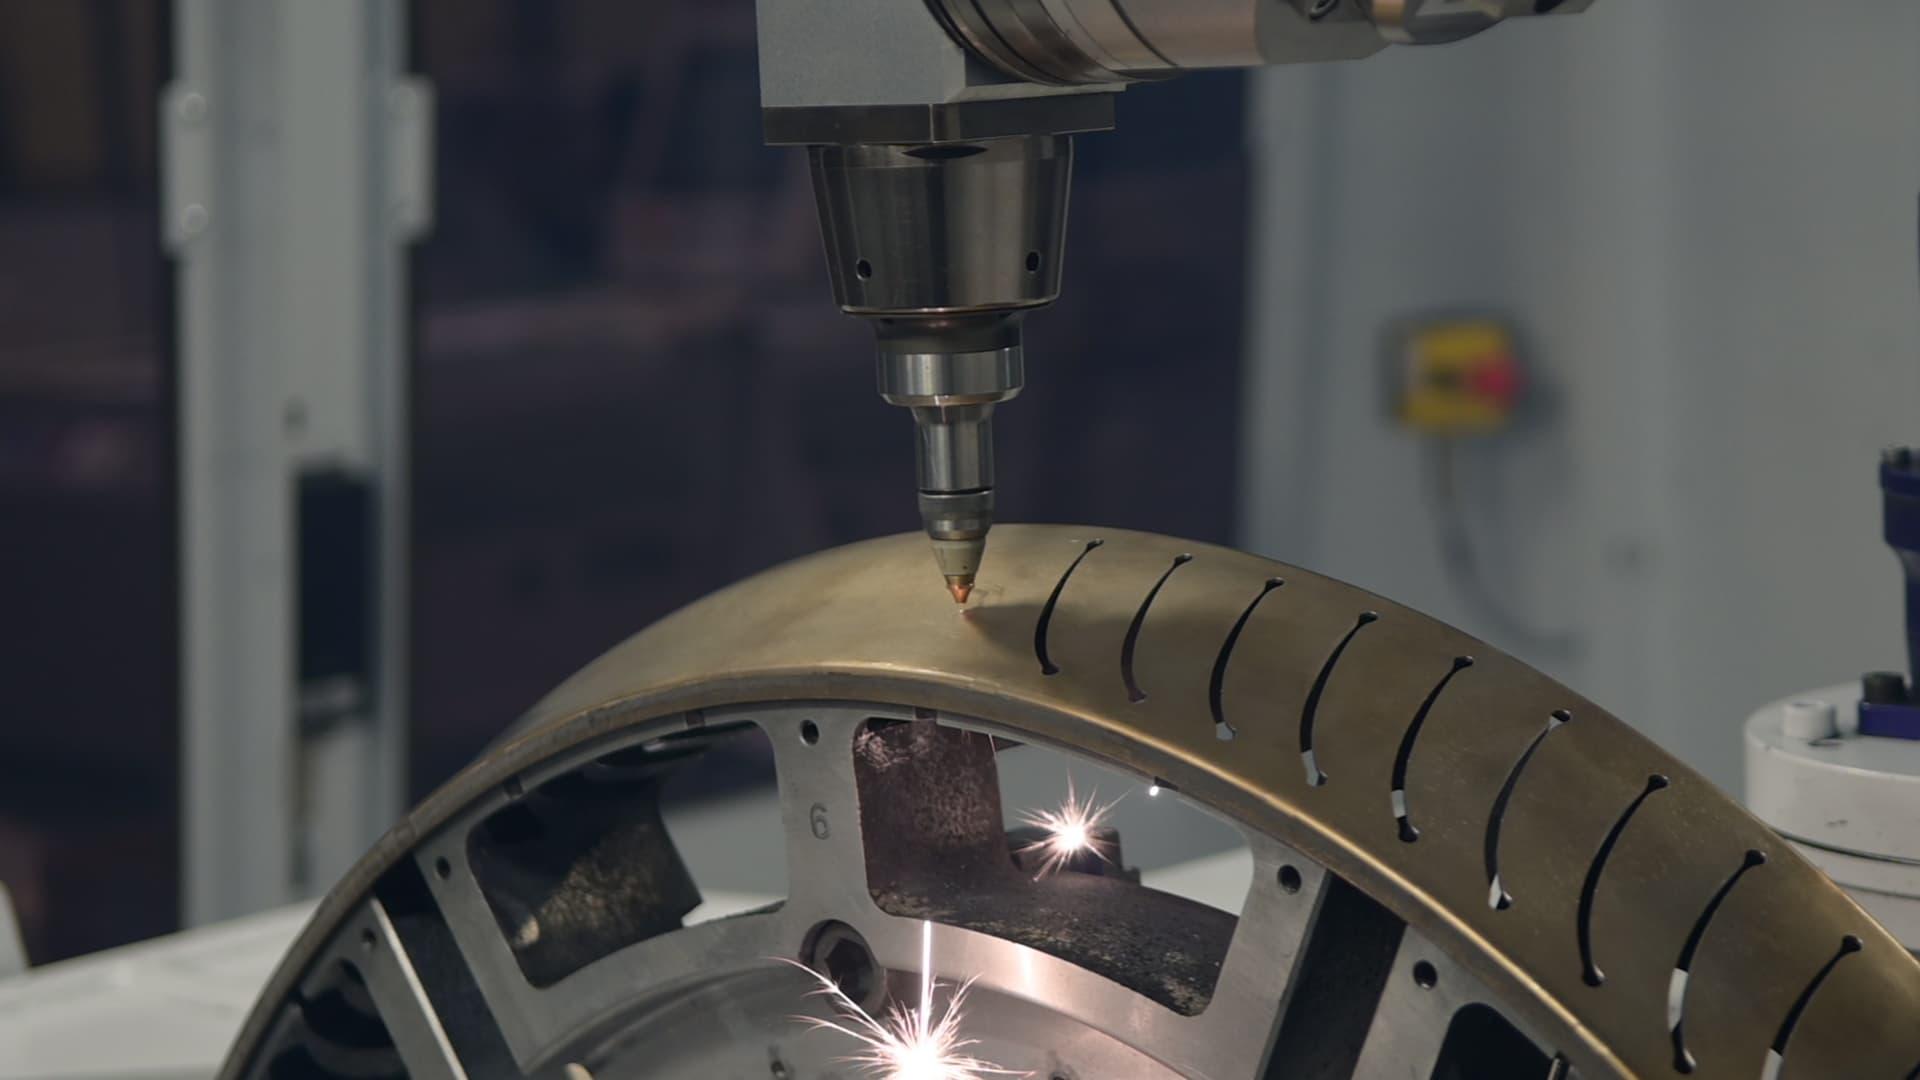 Coaéro - Machine découpe laser